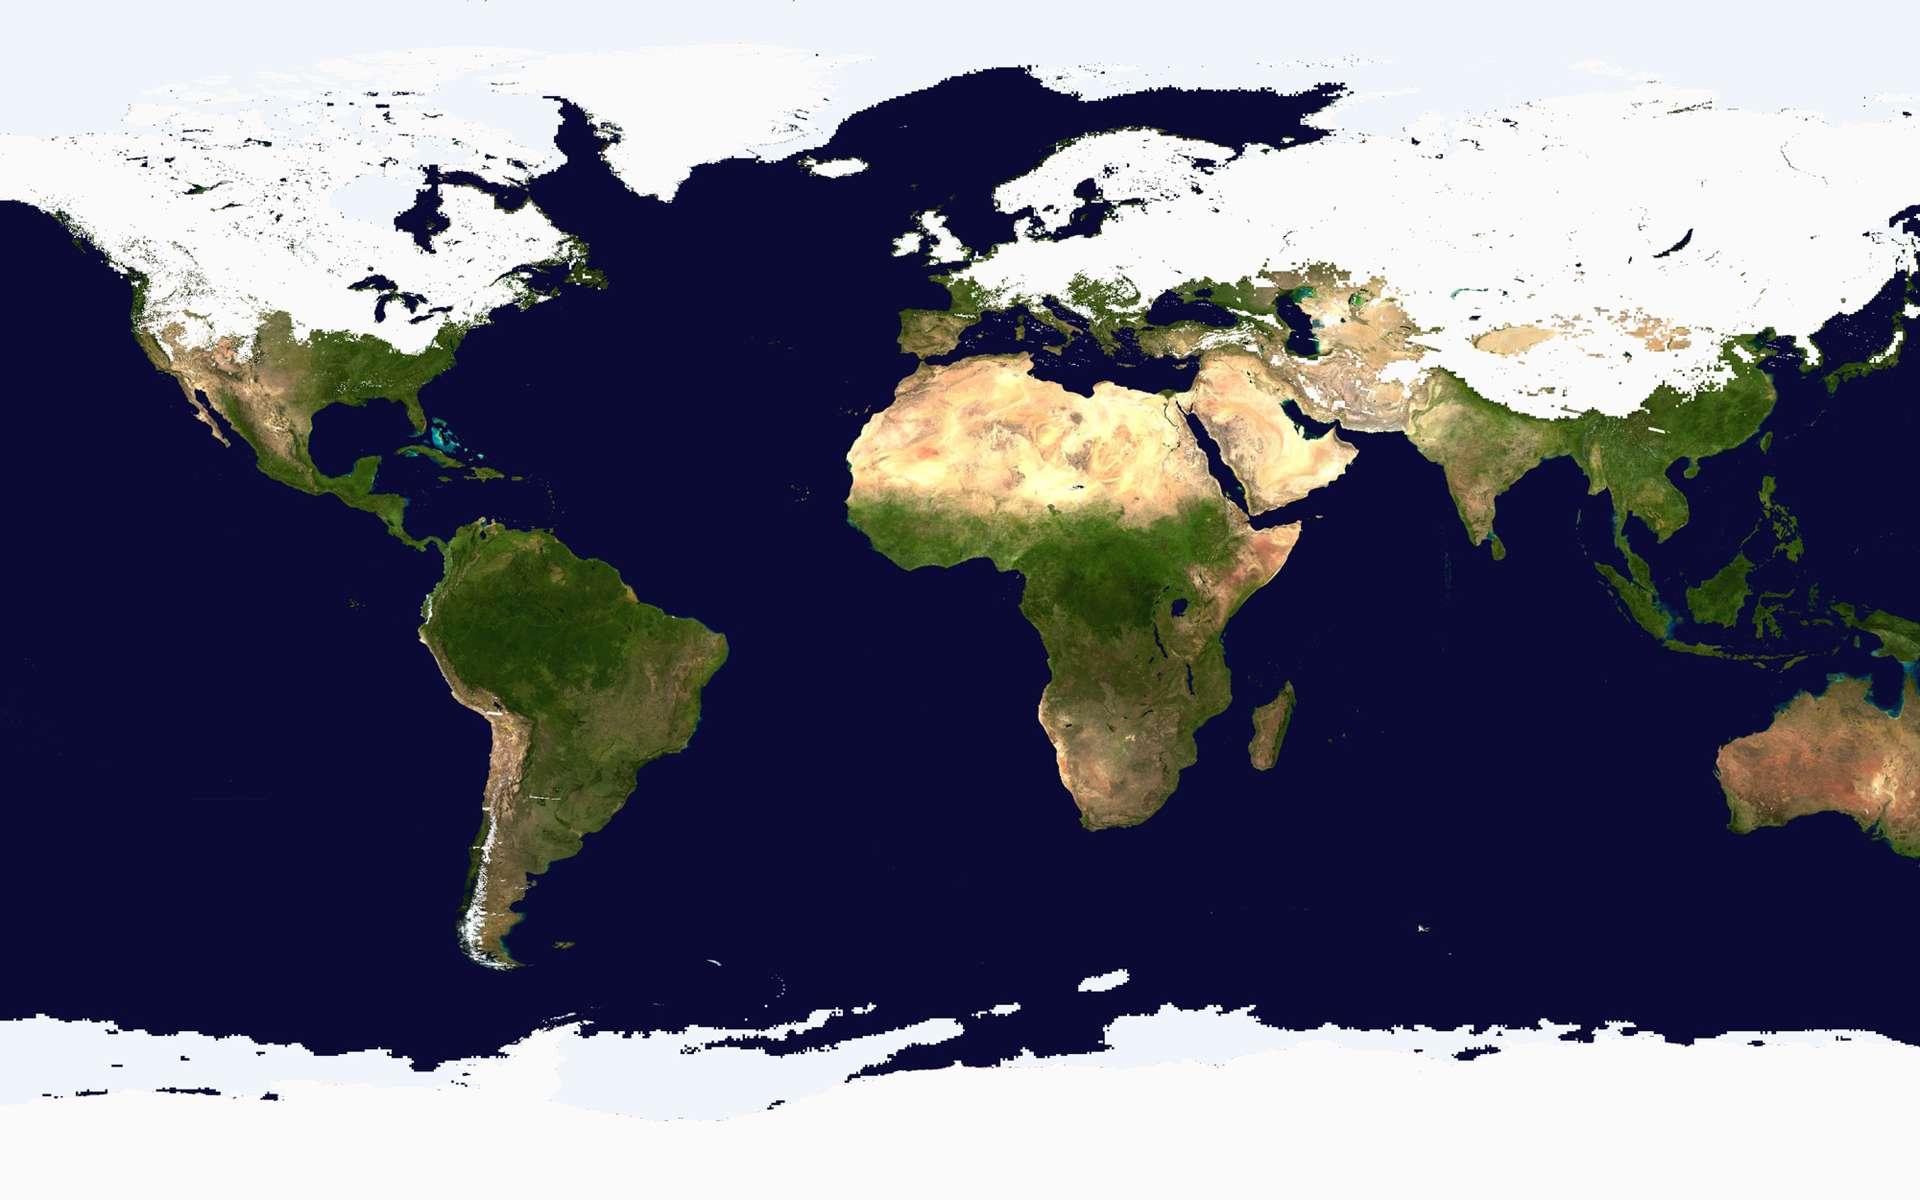 Comme le montre cette carte globale de la Terre, le froid, qui a d'abord touché une grande partie de l'Europe et l'est des États-Unis, s'étend jusqu'au continent asiatique. La neige et la glace recouvrent l'hémisphère nord d'un manteau blanc épais de plusieurs centimètres. © Nasa/Noaa/Center for Satellite Applications and Research